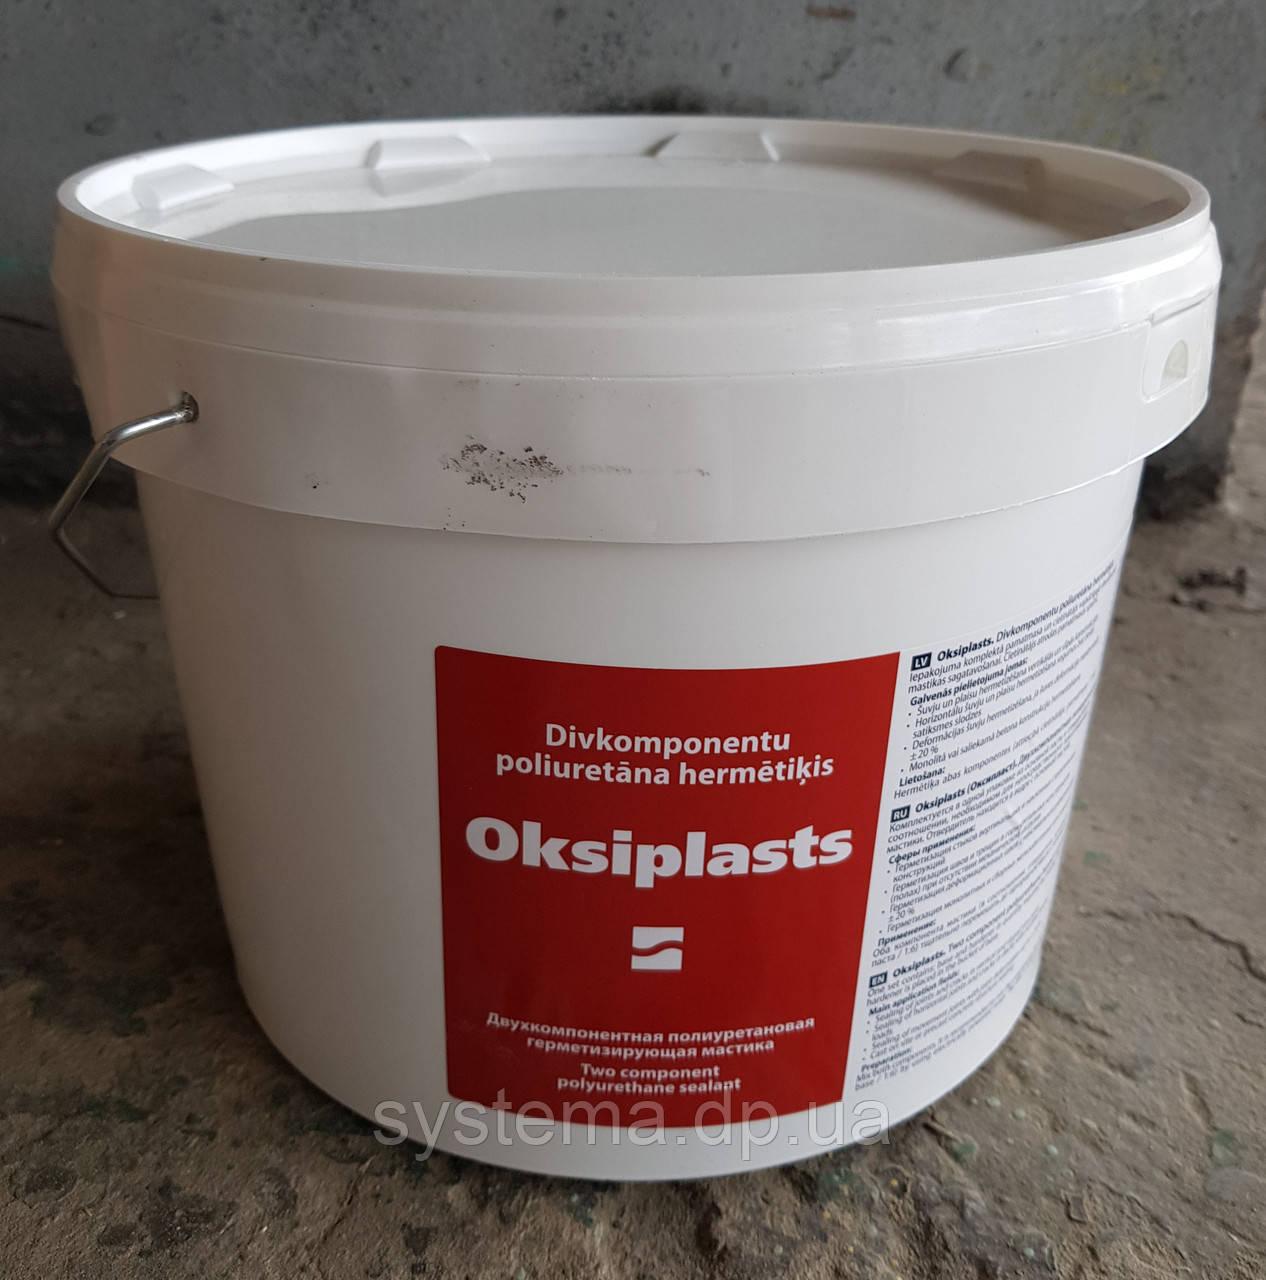 OKSIPLASTS (ОКСИПЛАСТ) - 2К полиуретановый строительный герметик для стыков, ведро 12 кг (6:1), серый